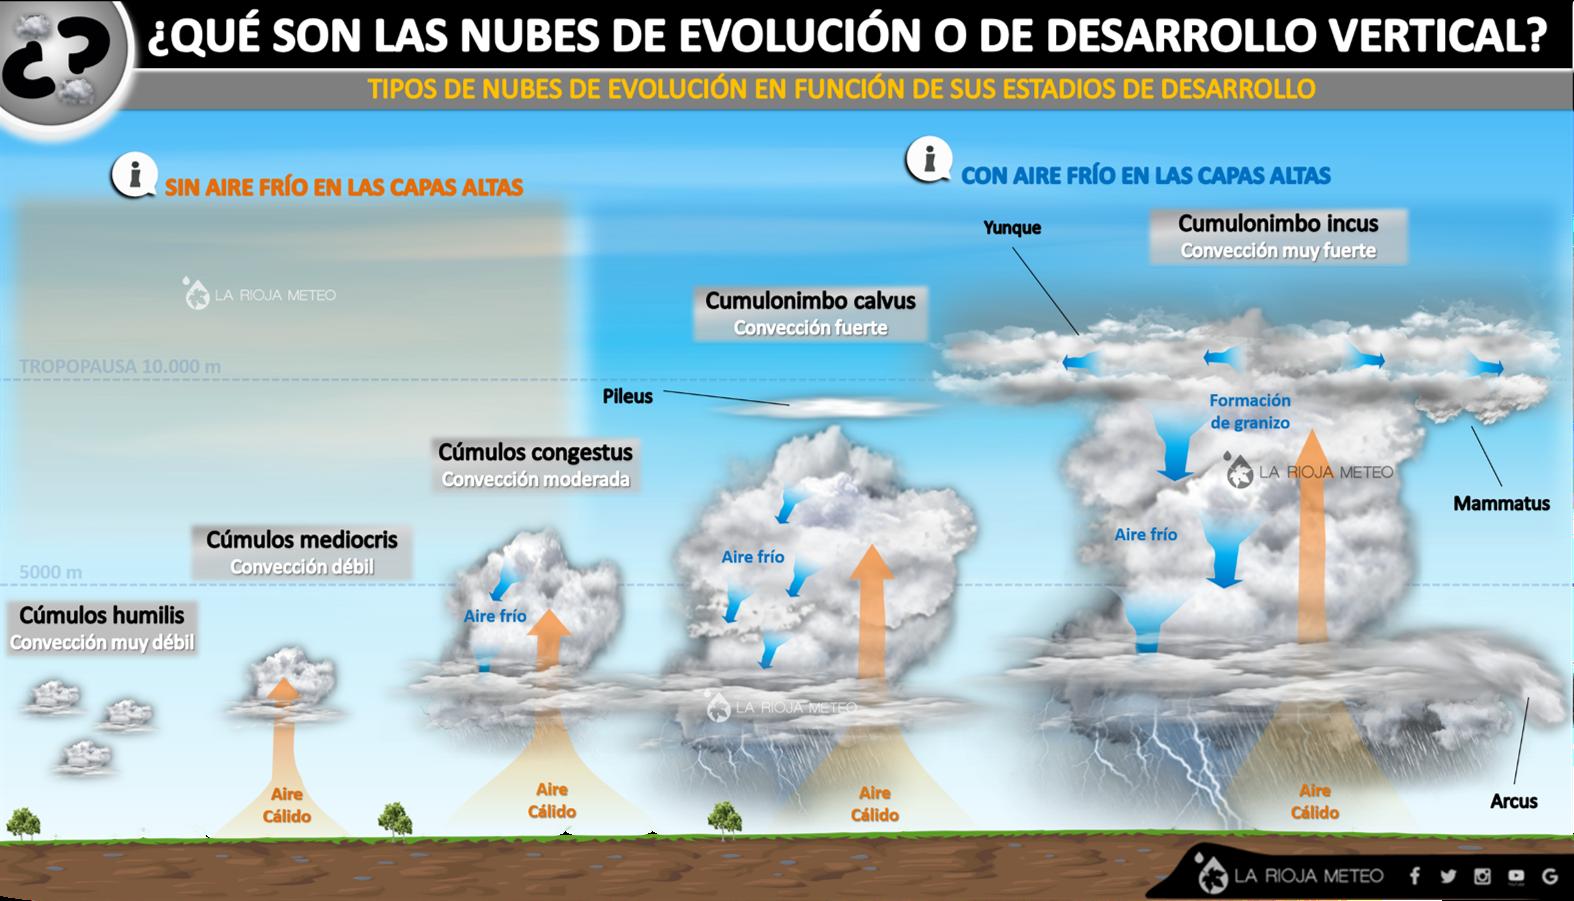 Tipos de nubes de evolución según su desarrollo vertical. Infografía: Dani Benito (La Rioja Meteo)